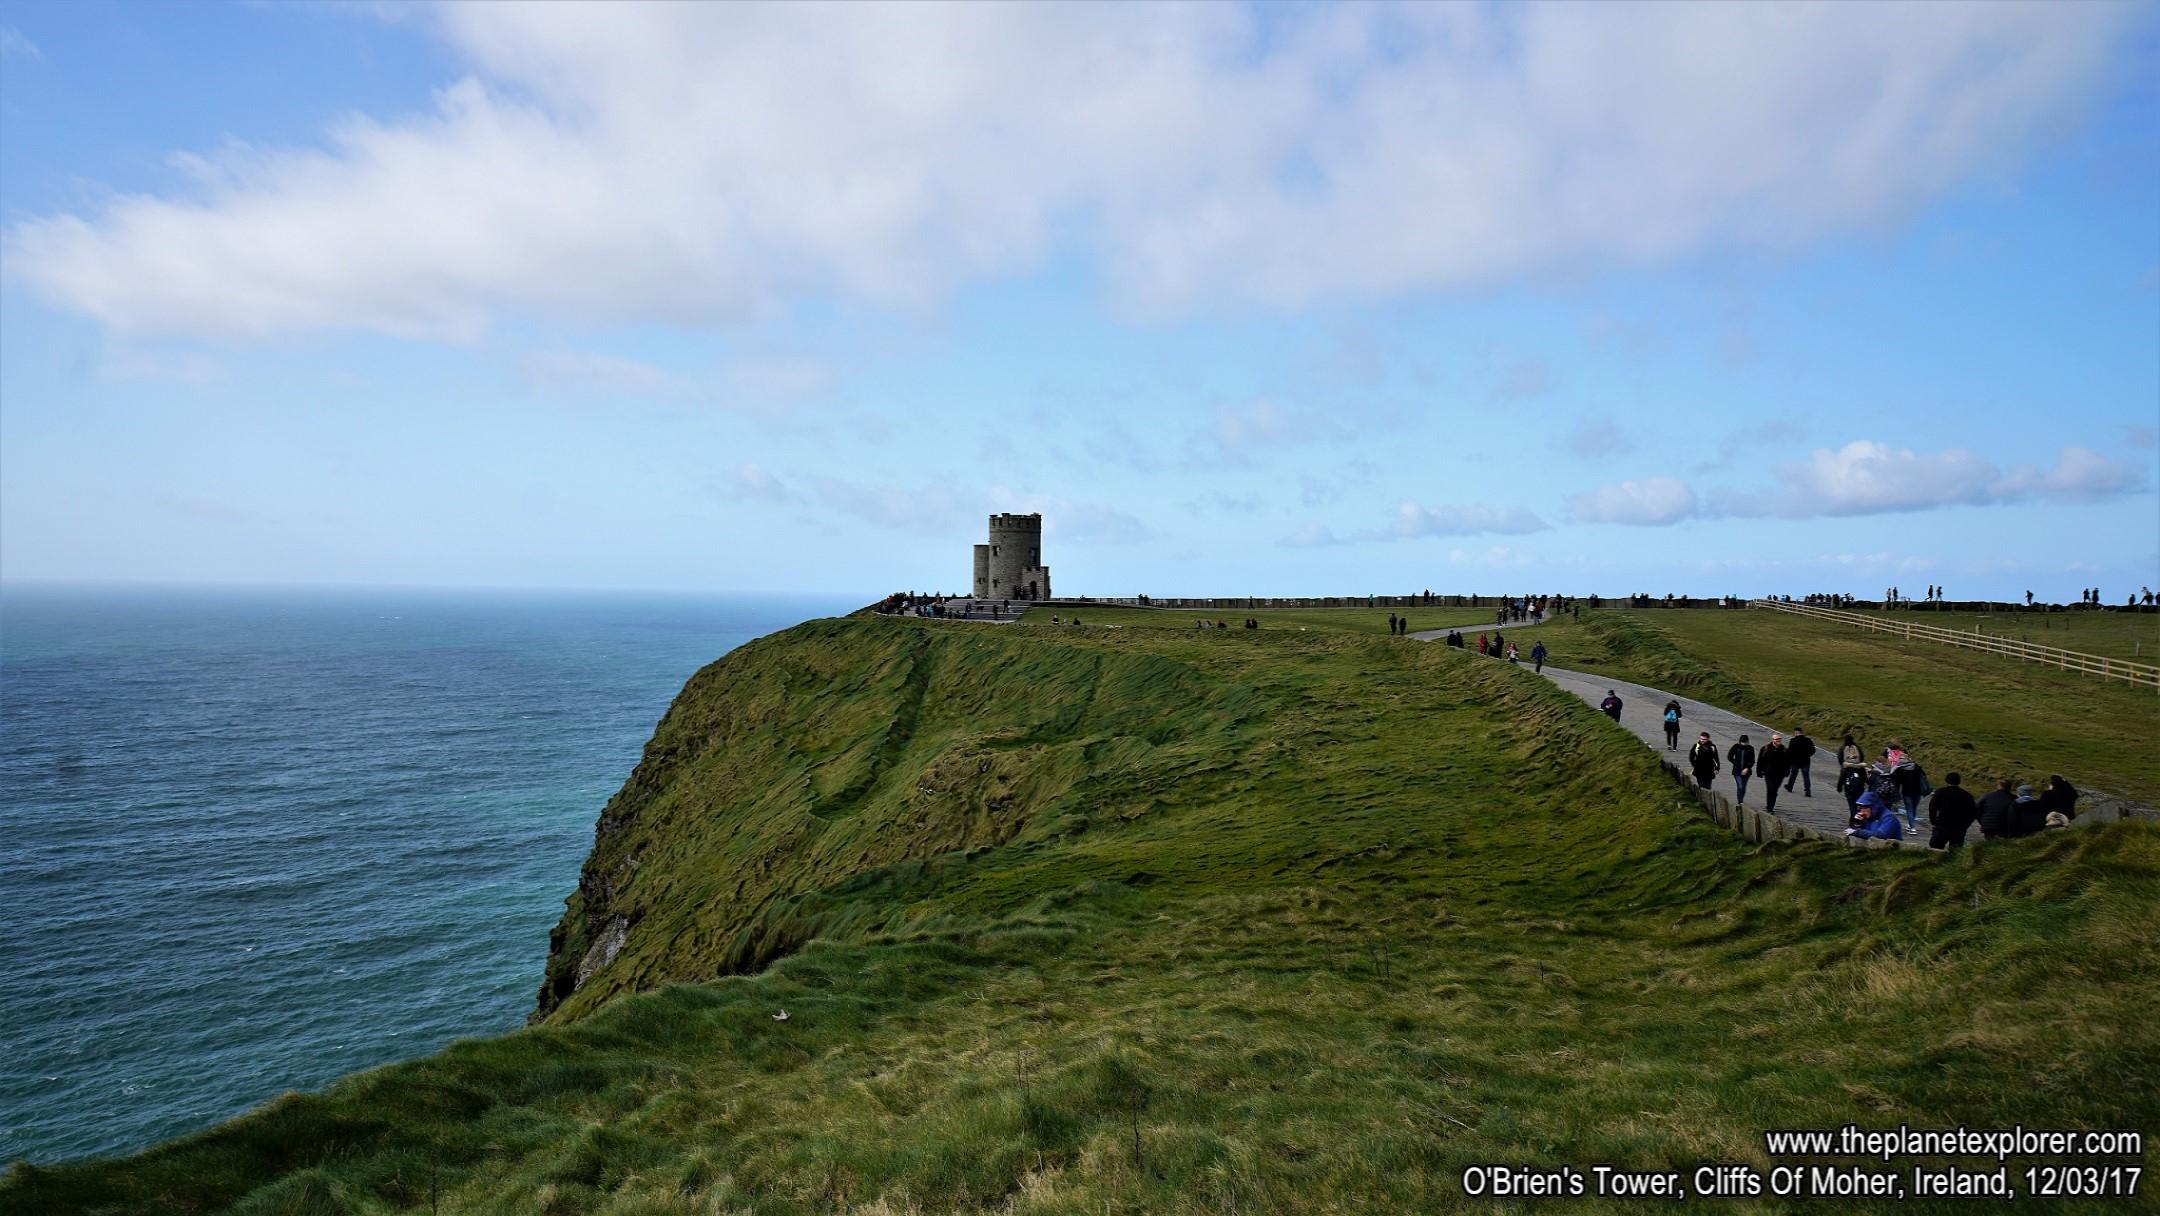 2017-03-12_1425_Ireland_Cliffs Of Moher_O'Brien's Tower_DSC07536_s7R2_LR_@www